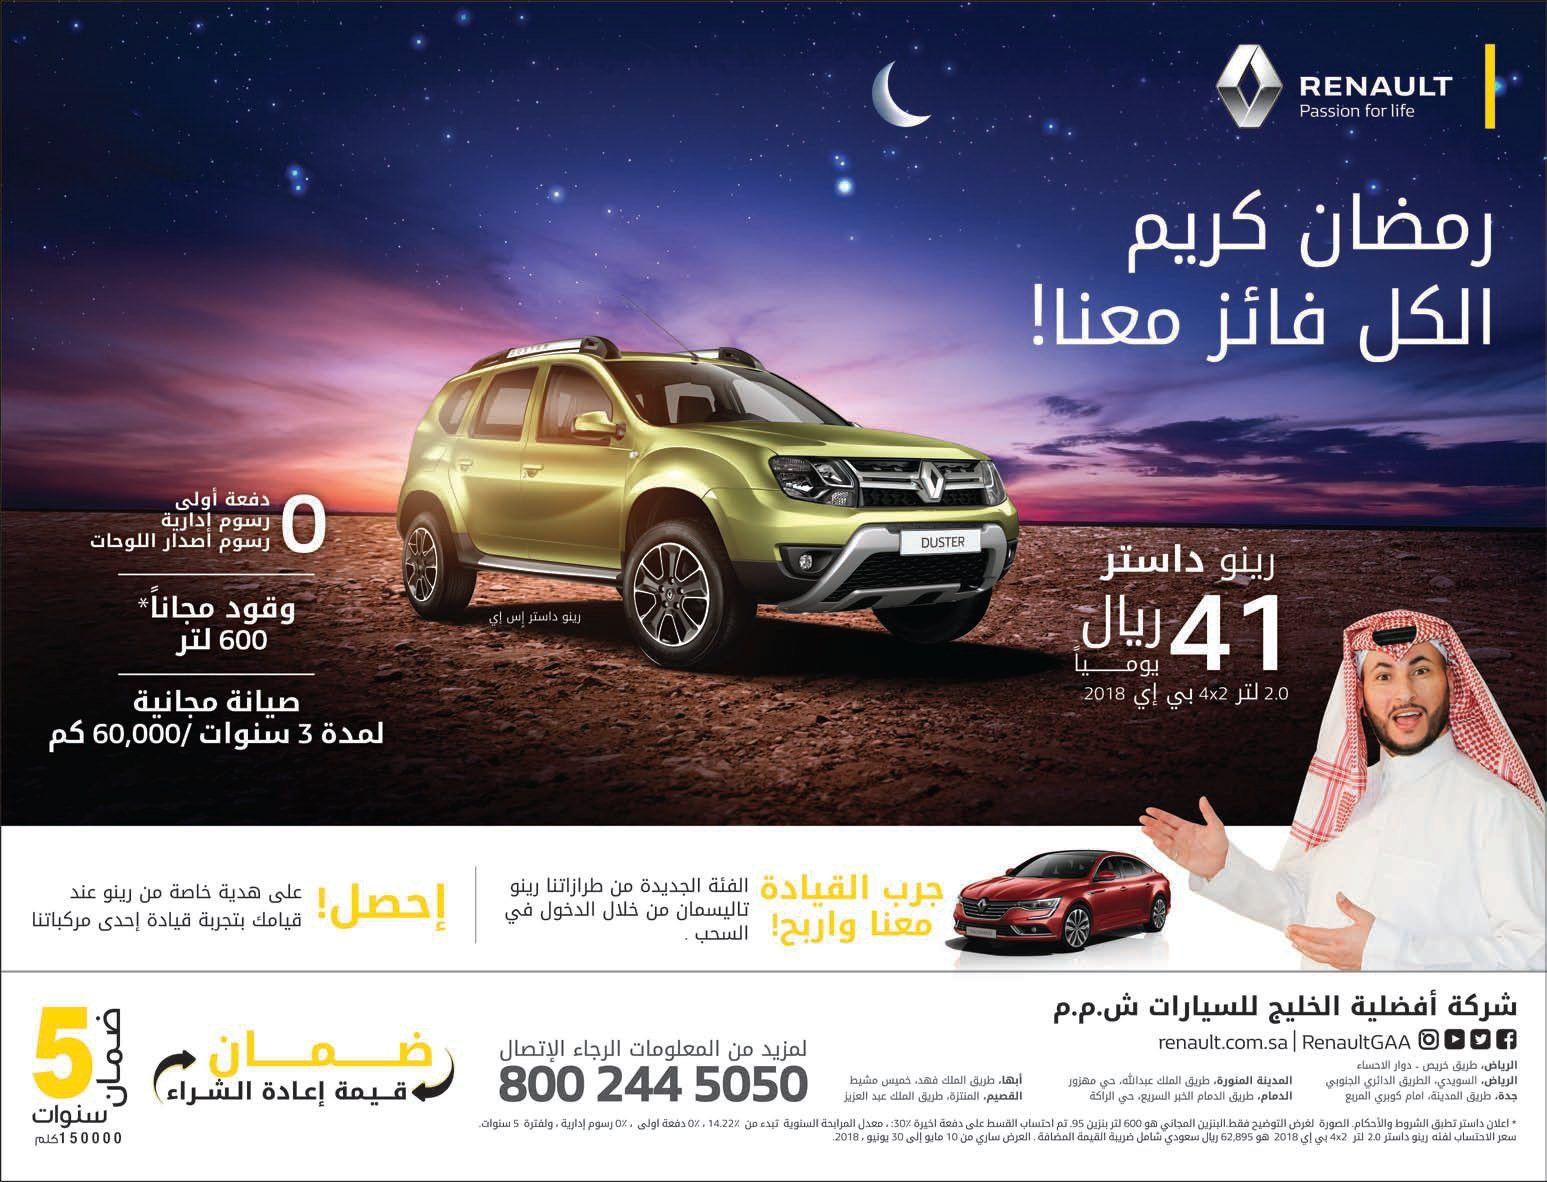 عروض السيارات في شركة أفضلية الخليج للسيارات رينو داستر الجديدة عروض رمضان عروض اليوم Toy Car Renault Movie Posters